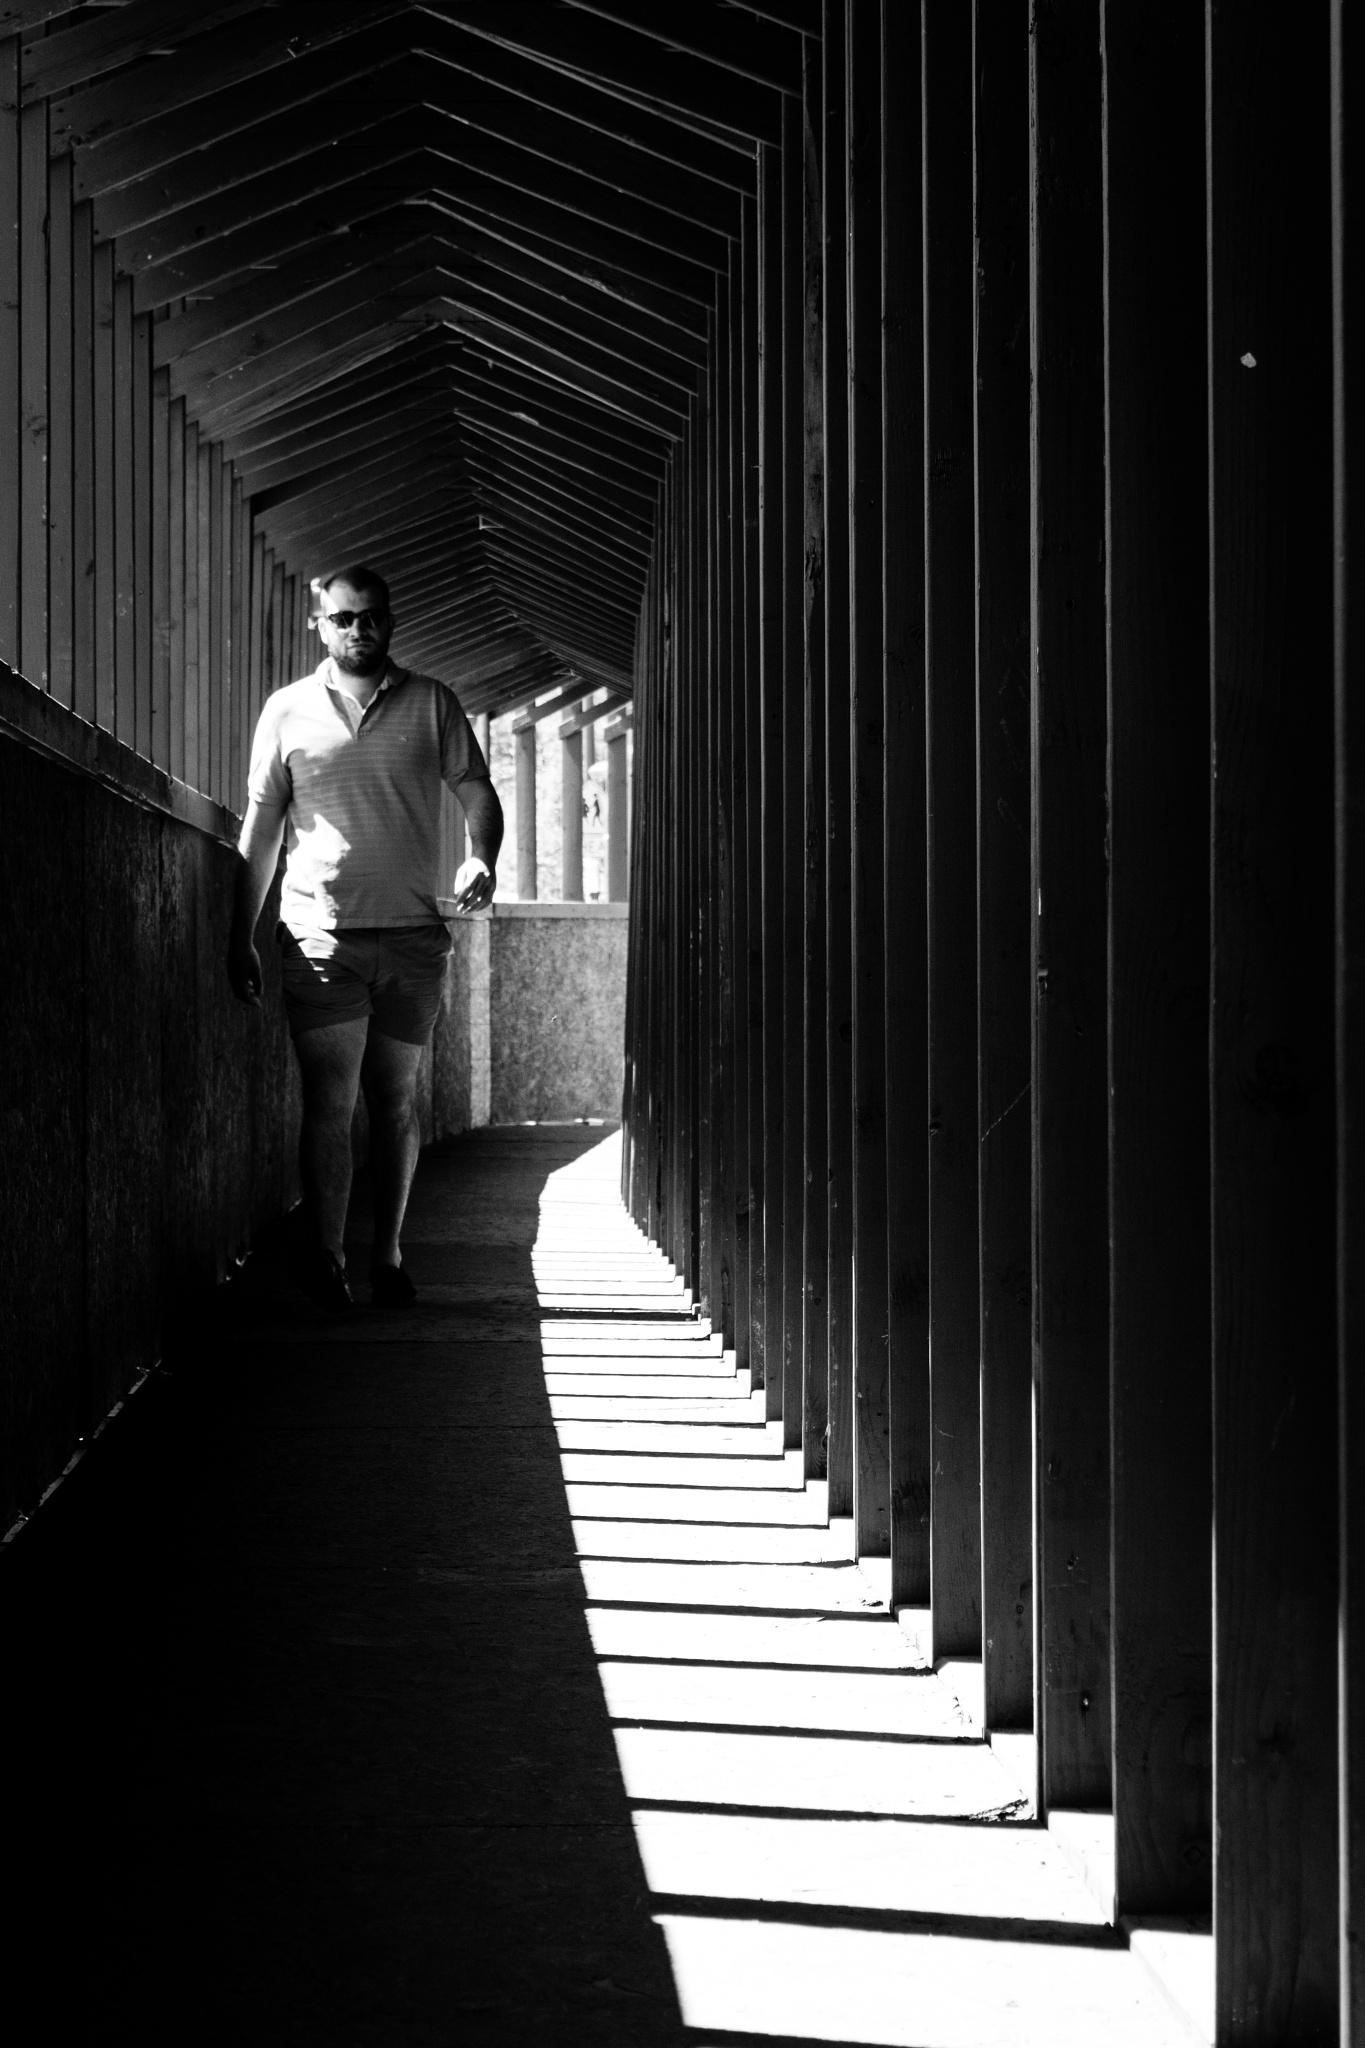 catwalk by Jeff Tidwell